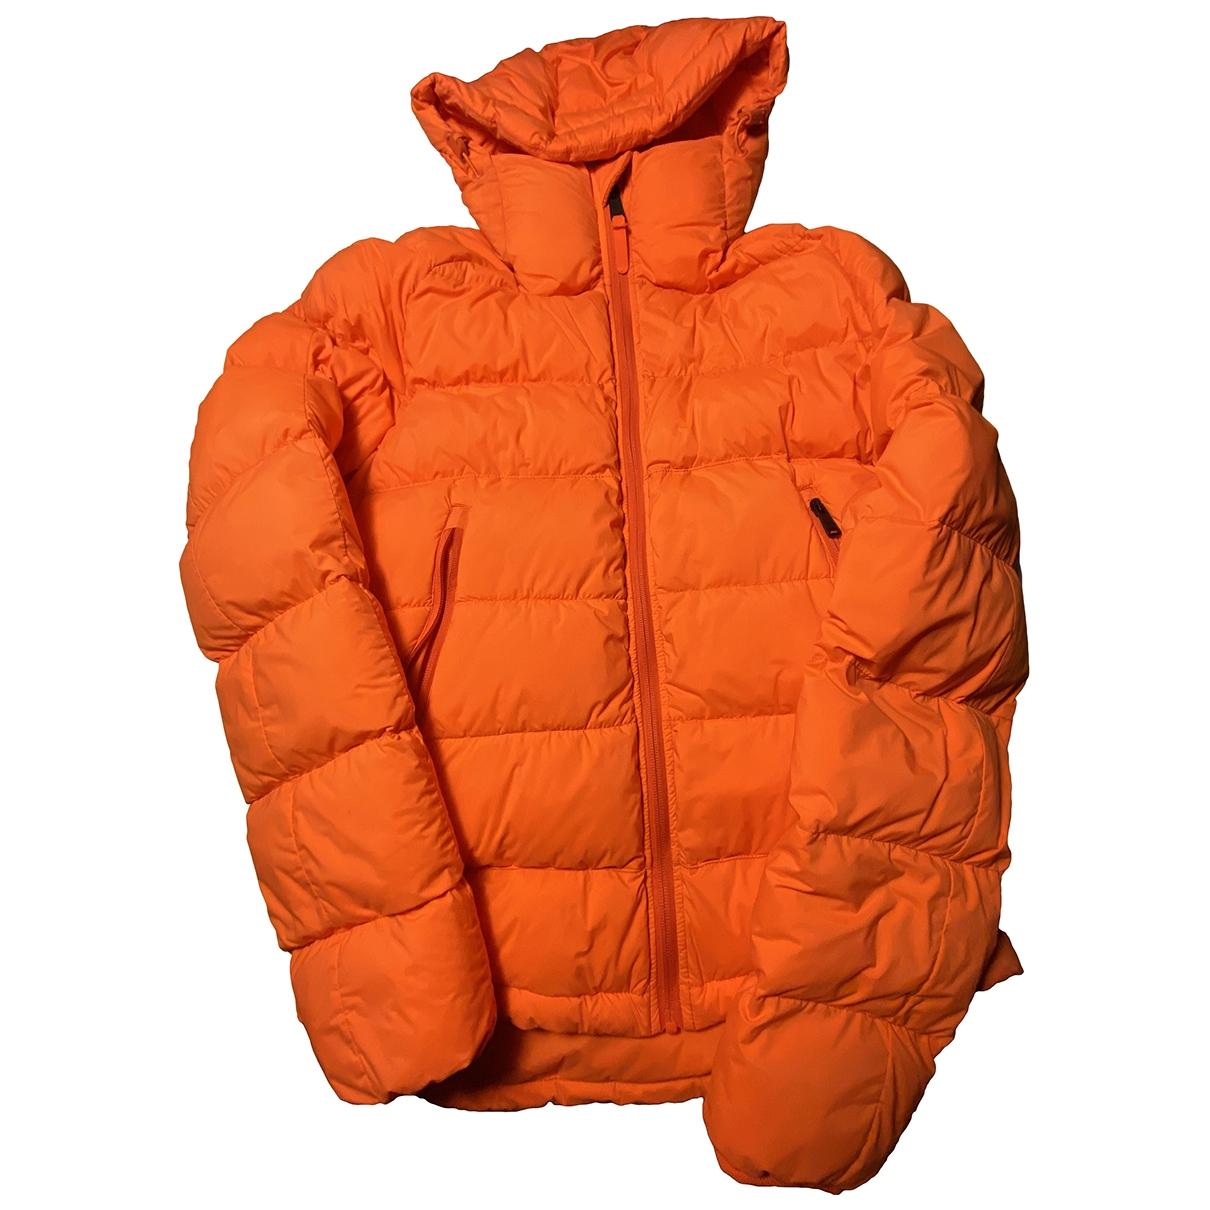 Napapijri \N Jacke in  Orange Polyester